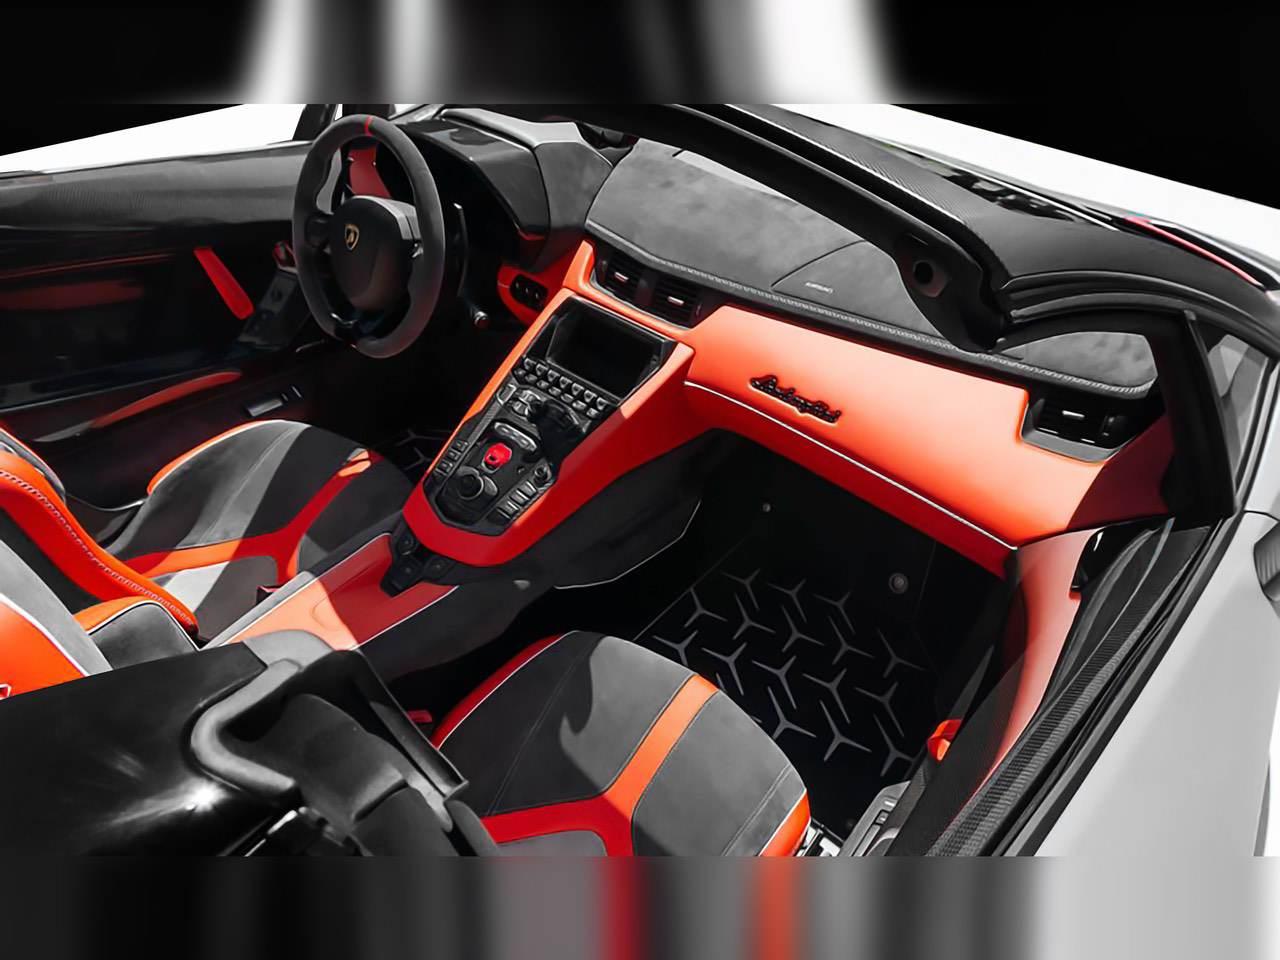 Lamborghini-Aventador-SVJ-Roadster-63-Edition-6